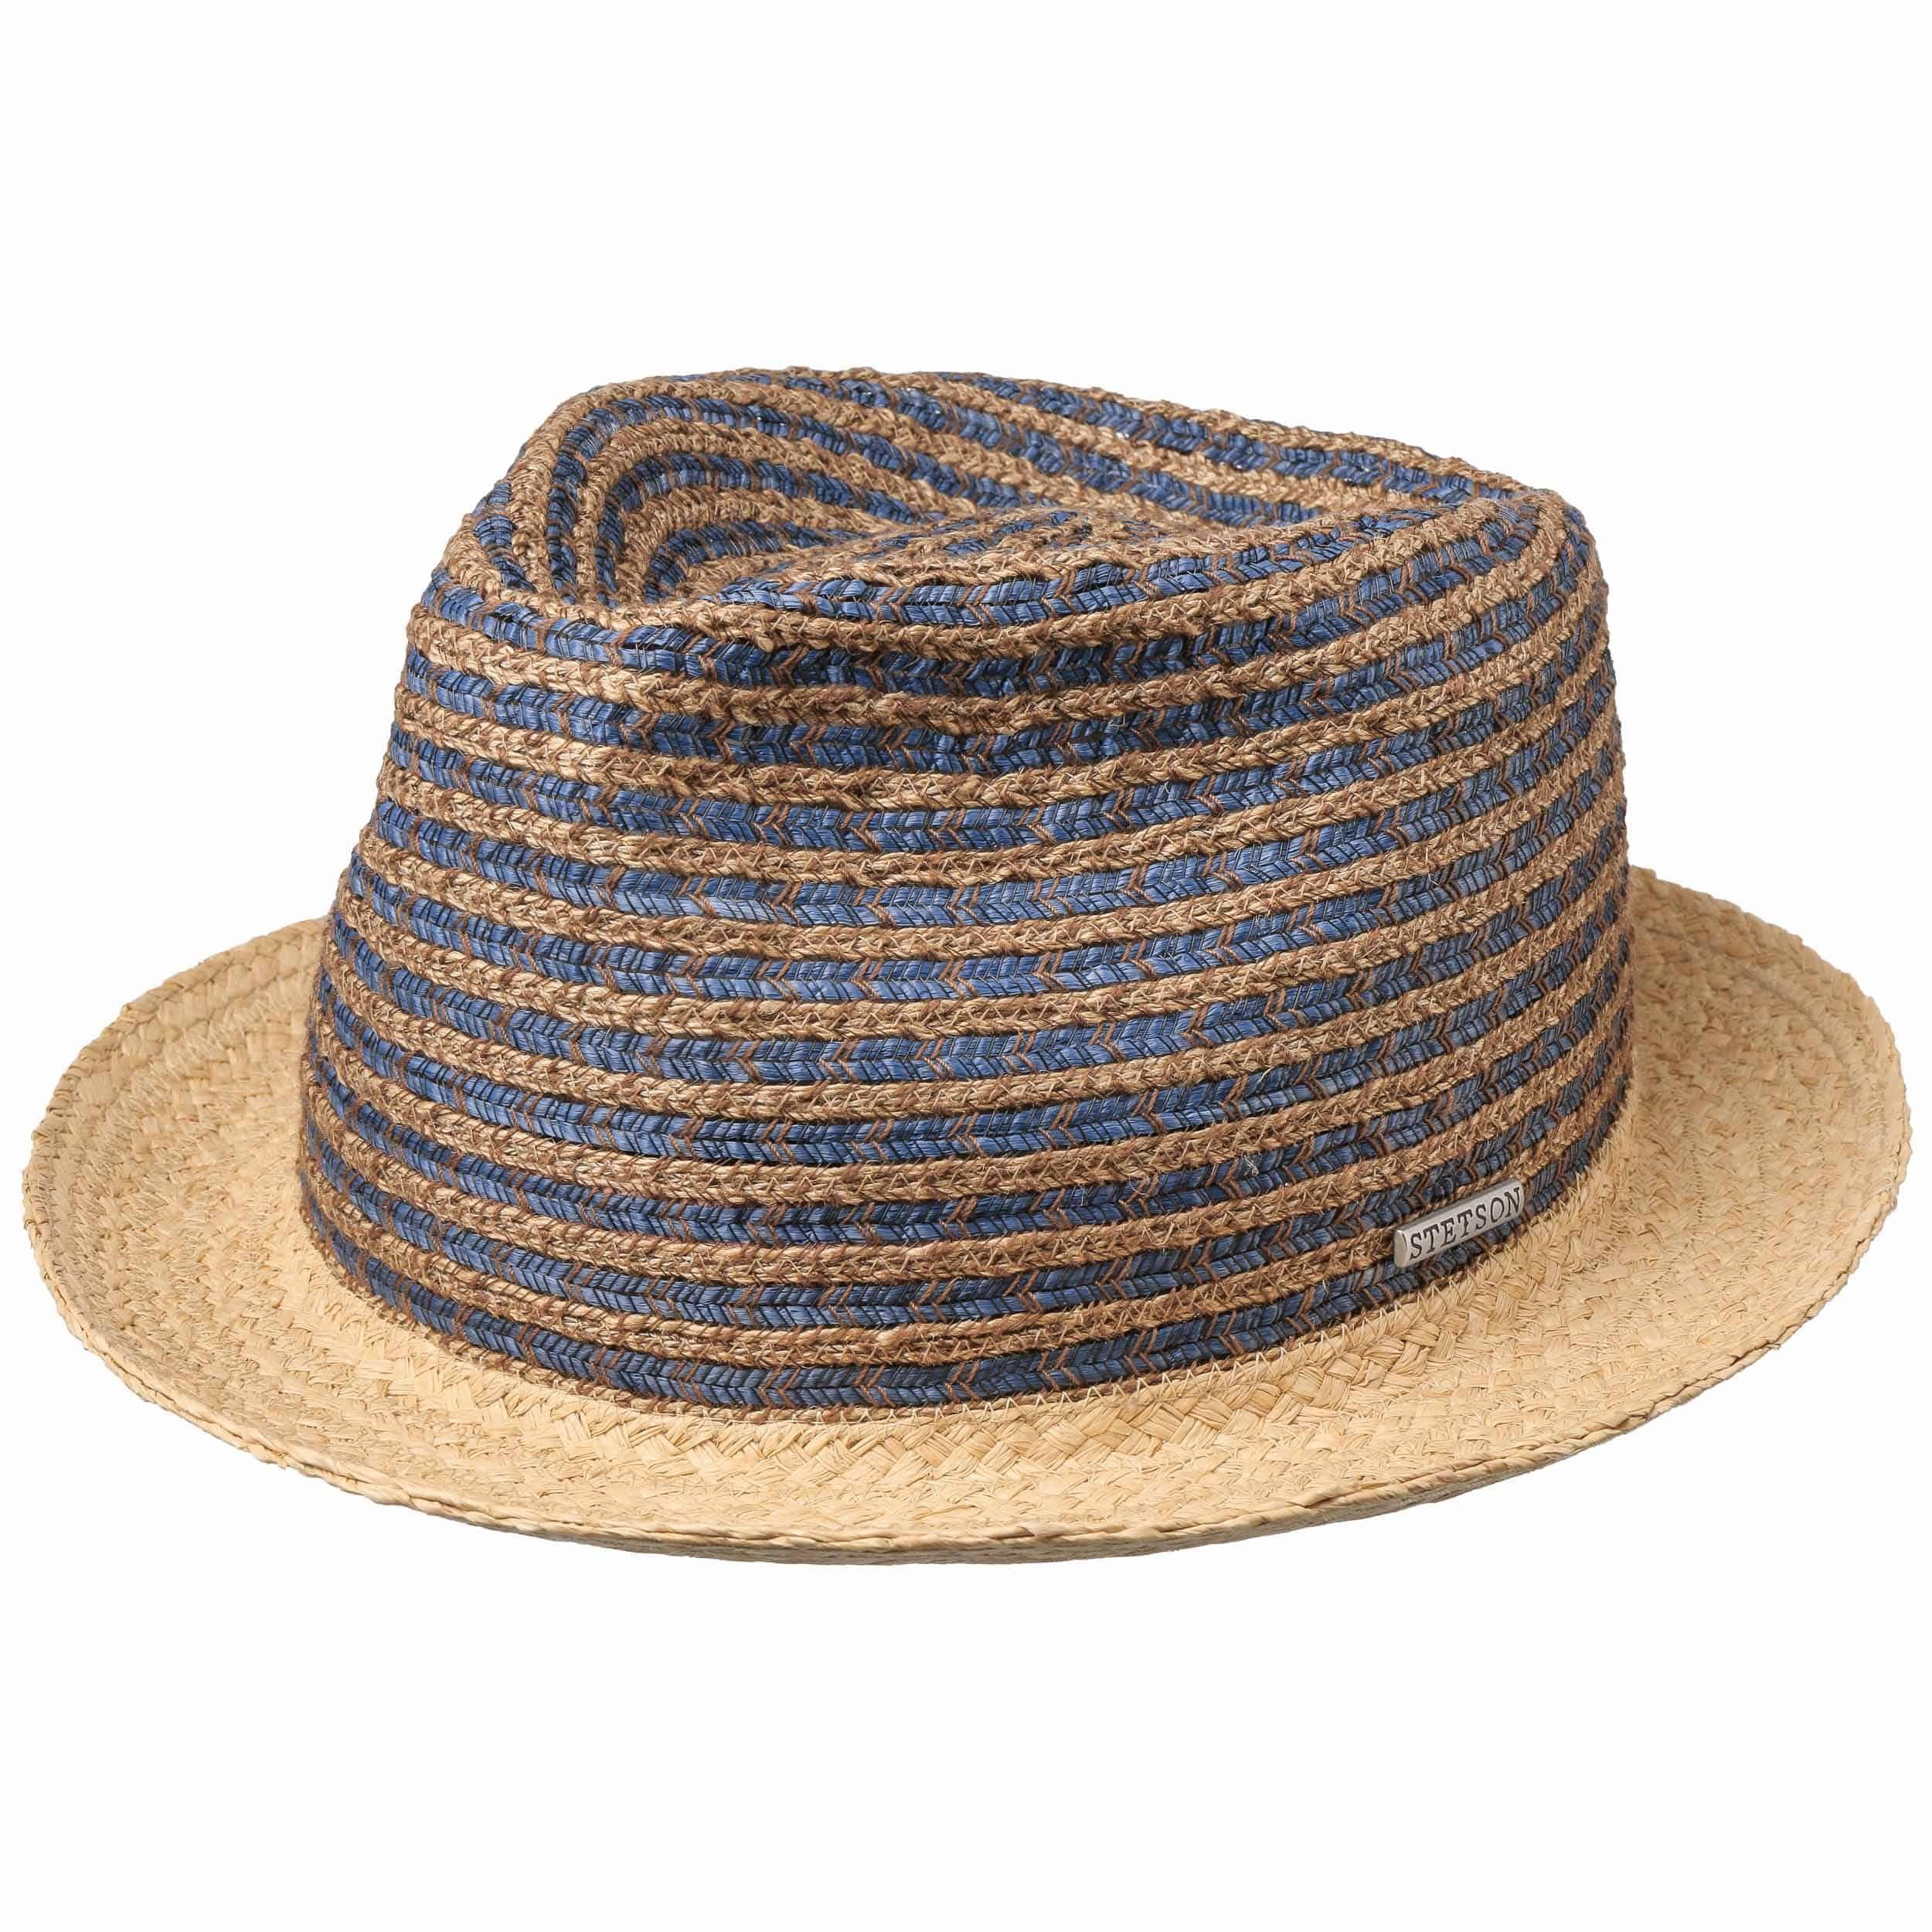 Kamano Toyo Player Straw Hat nature-blue